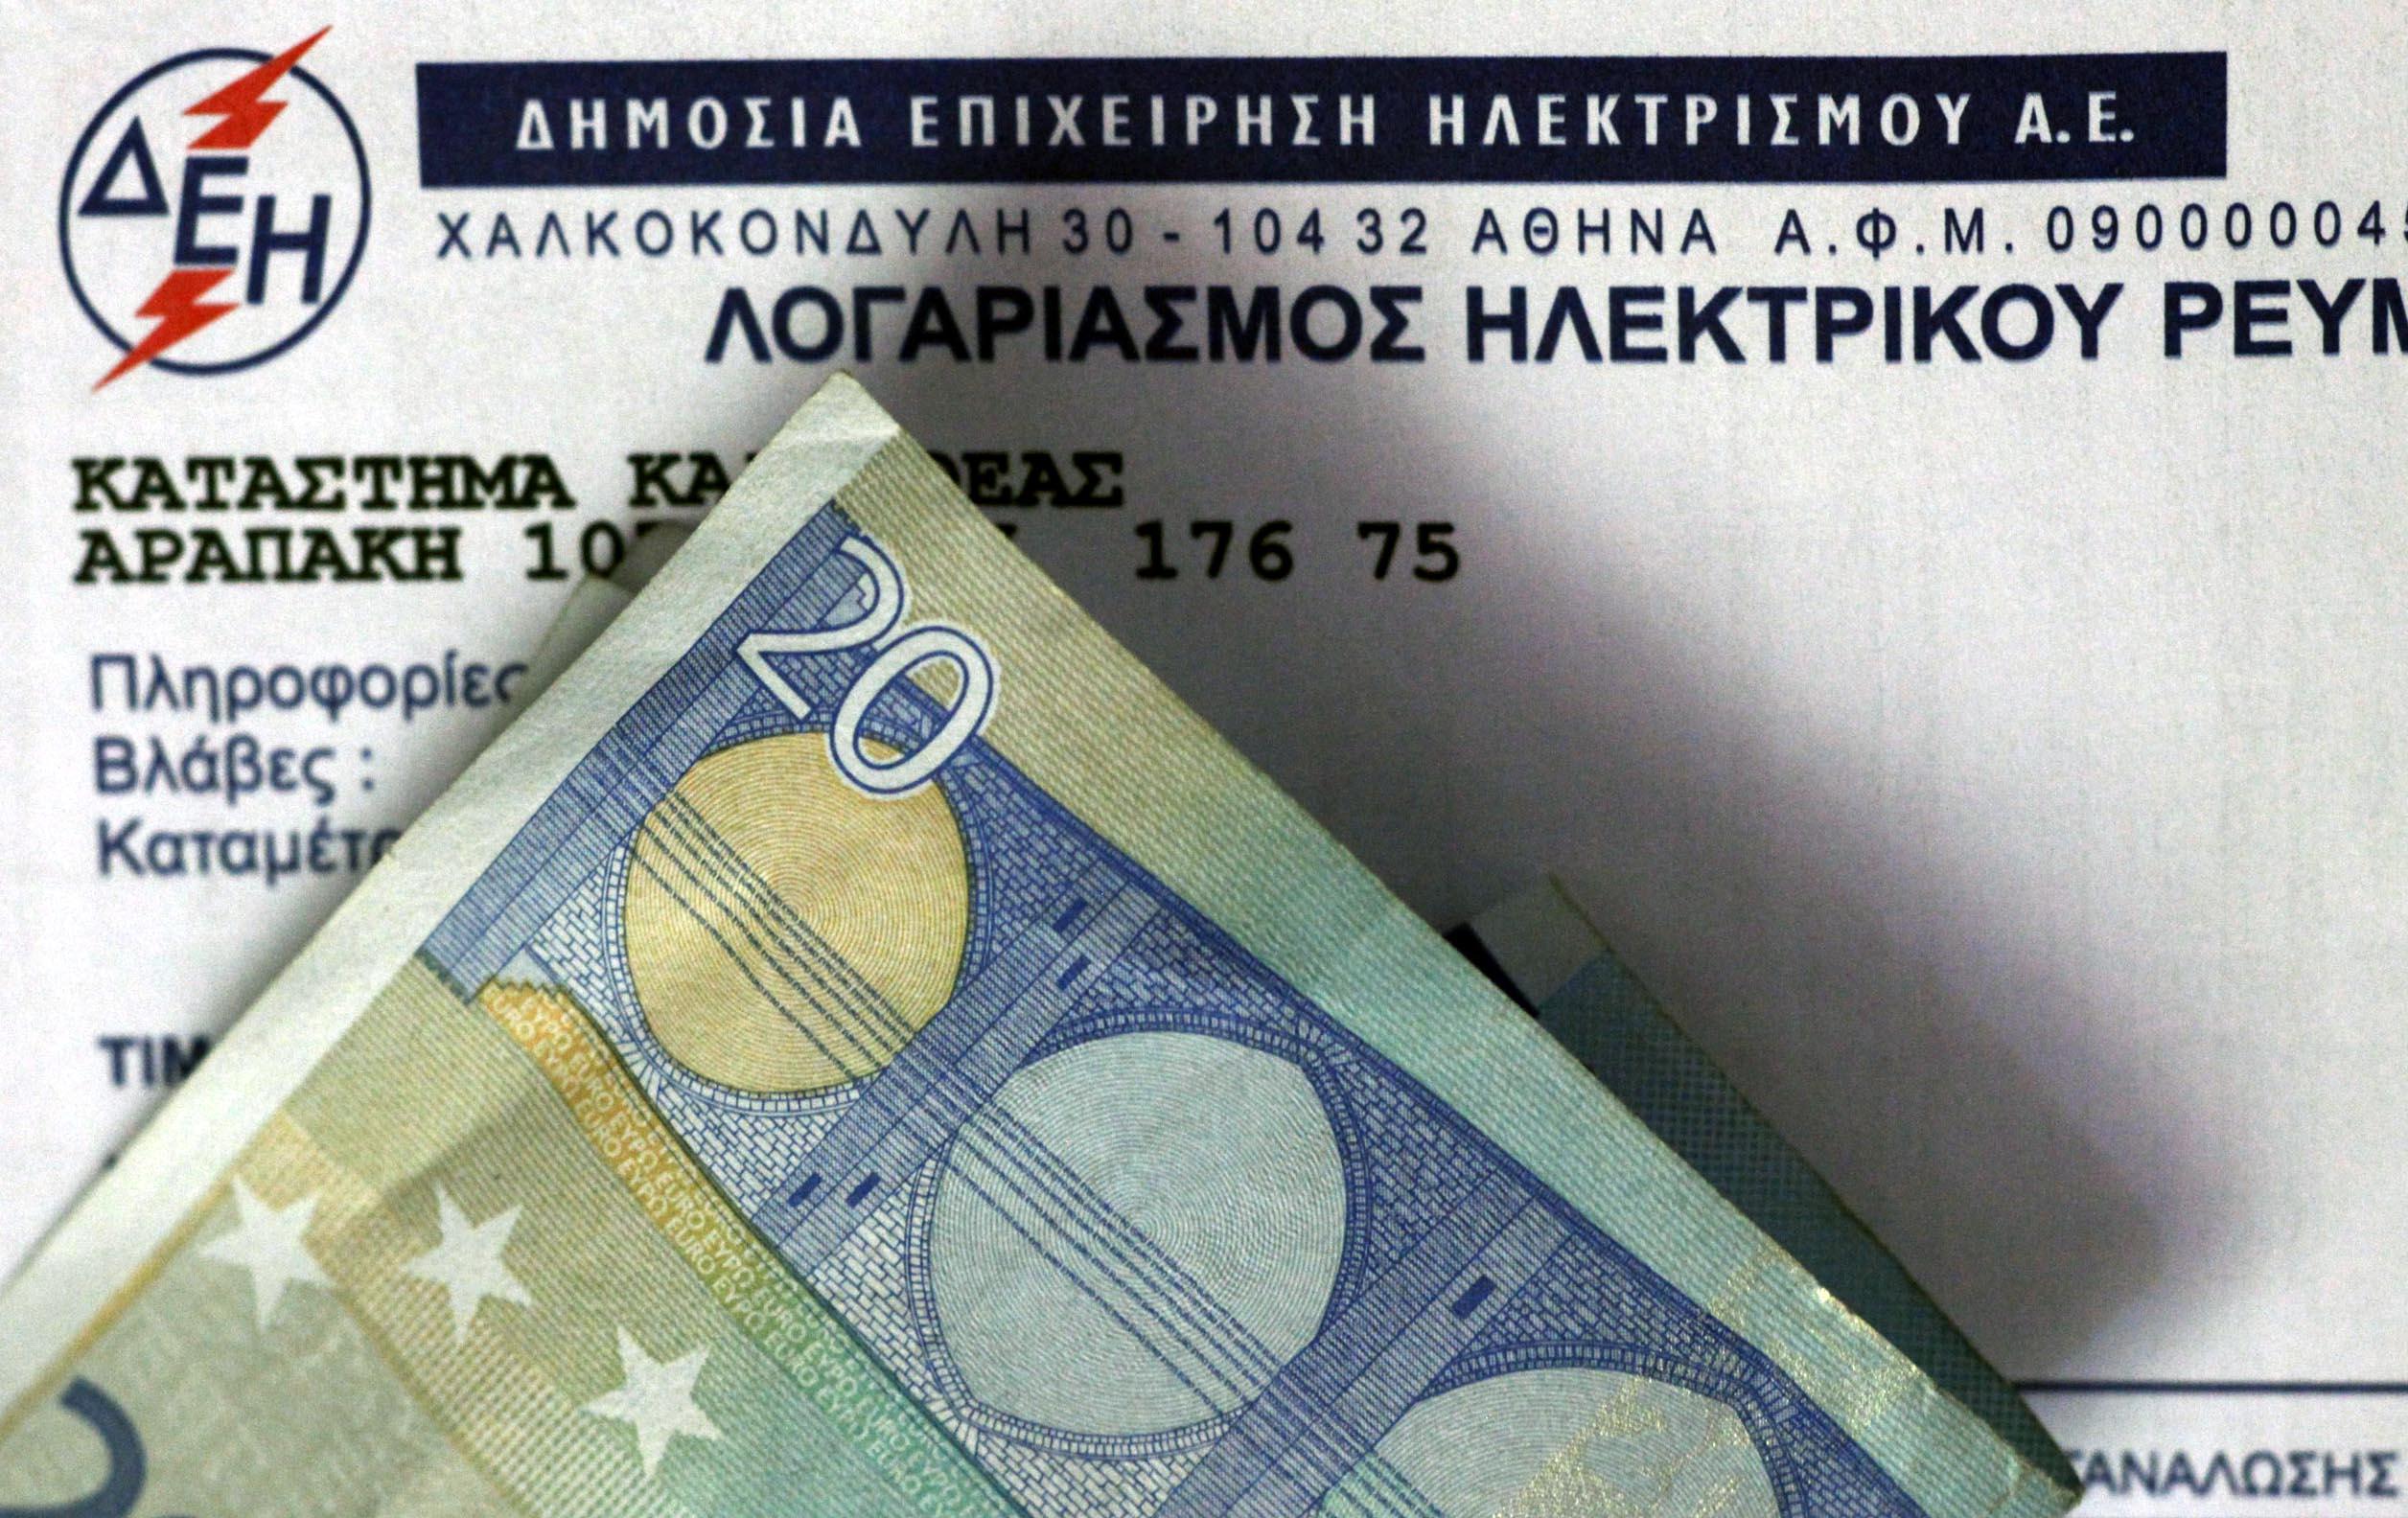 Στο λογαριασμό της ΔΕΗ θα αναγράφεται ξεχωριστά το ποσό; Θα το πληρώσει πρώτα ο ενοικιαστής και θα το αφαιρέσει από το ποσό του ενοικίου;